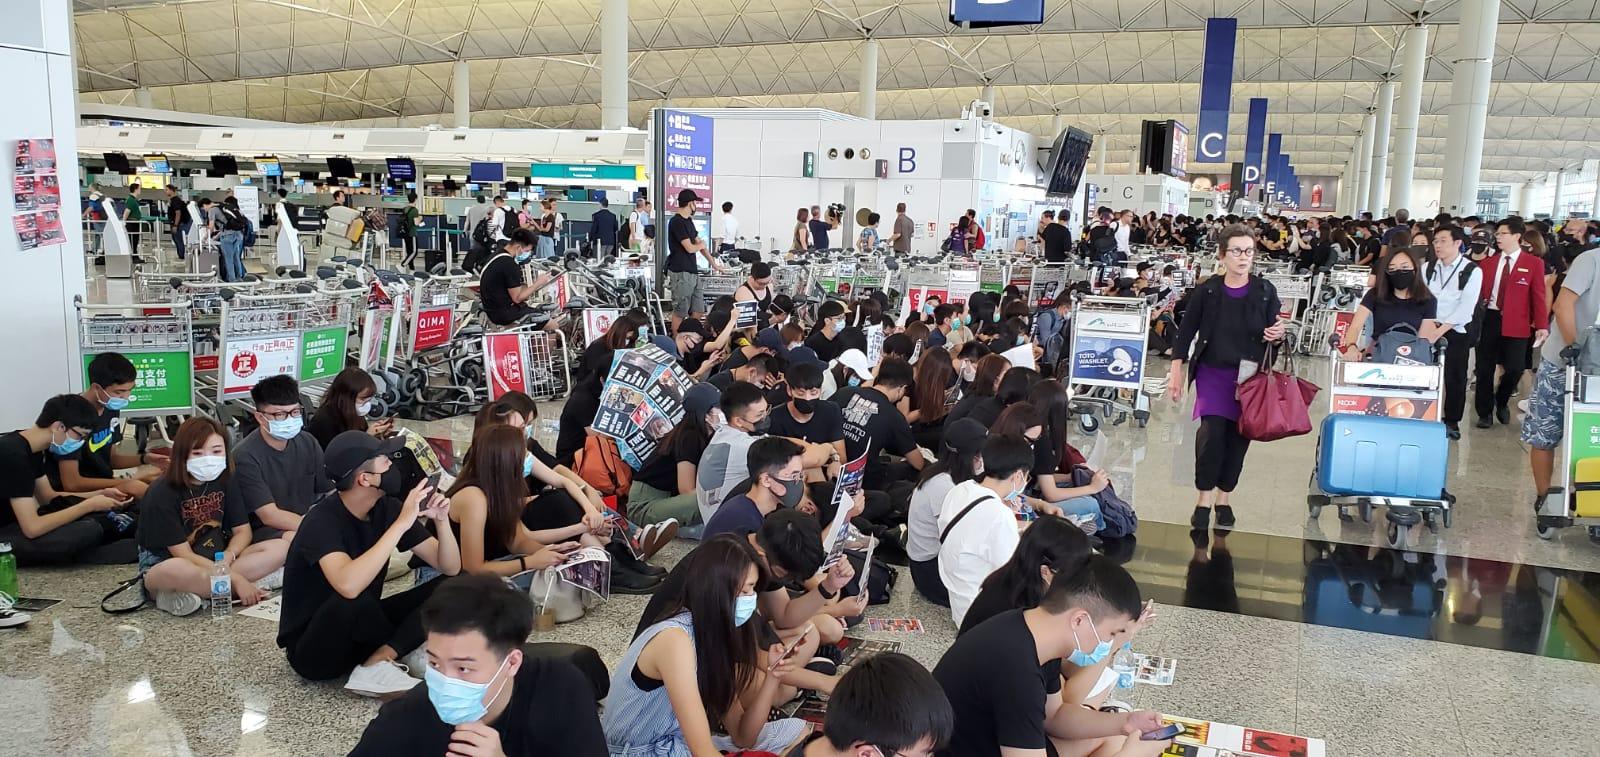 大批示威者堵塞機場離境大堂及佔據客運大樓。